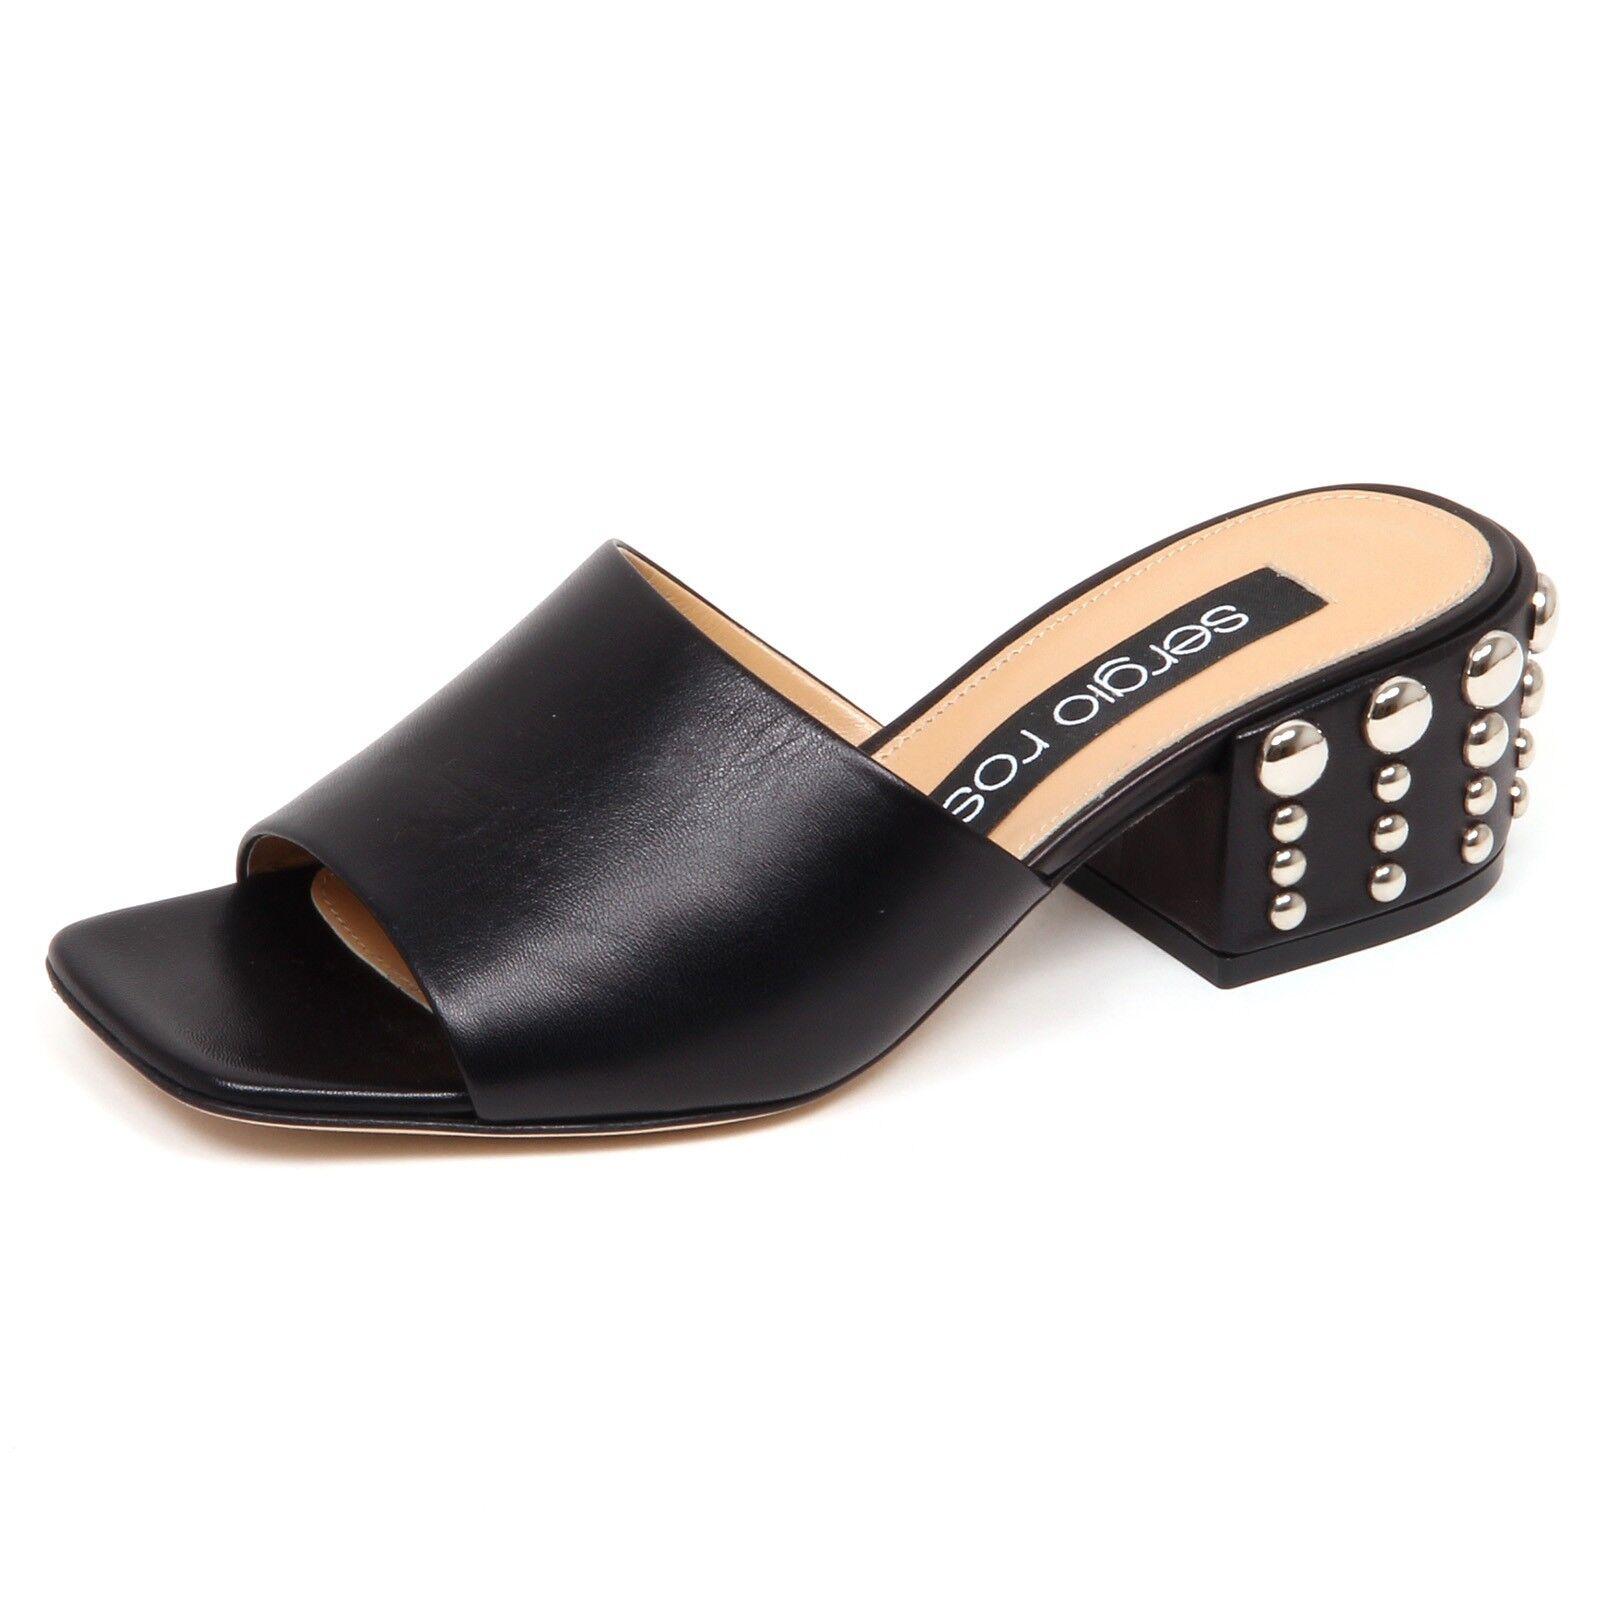 F0950 Sandalo mujer Negro Sergio Rossi zapatos clavos zapato mujer